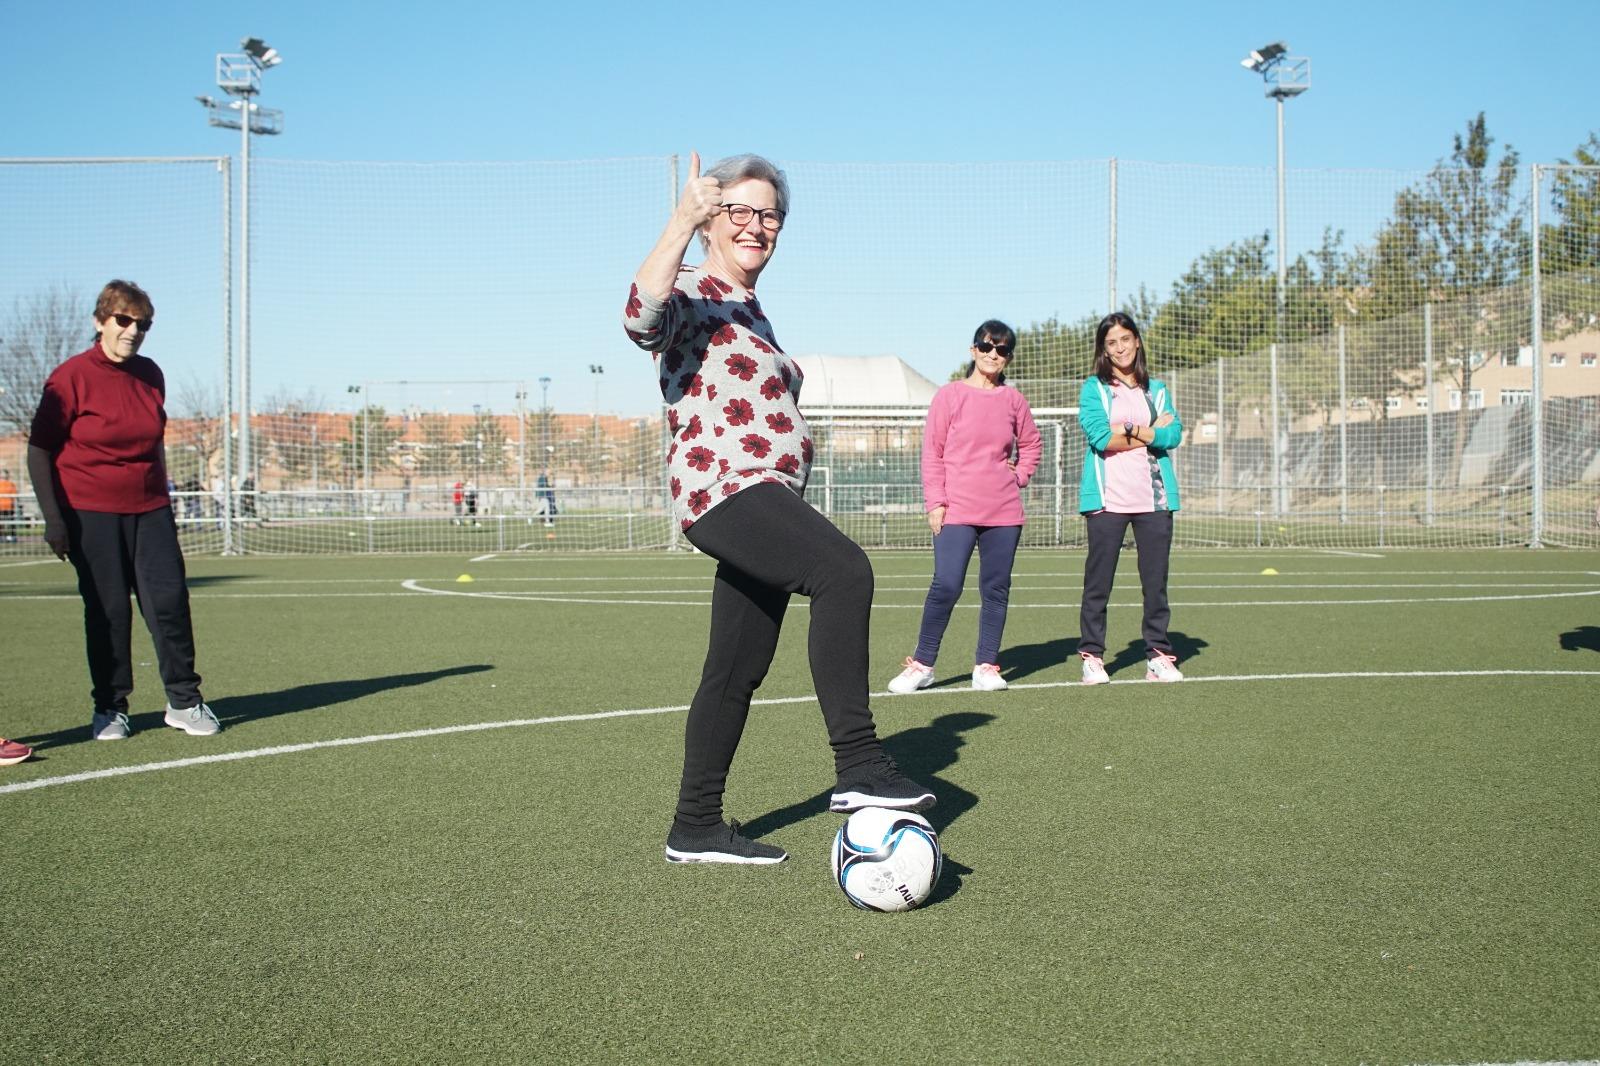 Gente sénior haciendo deporte